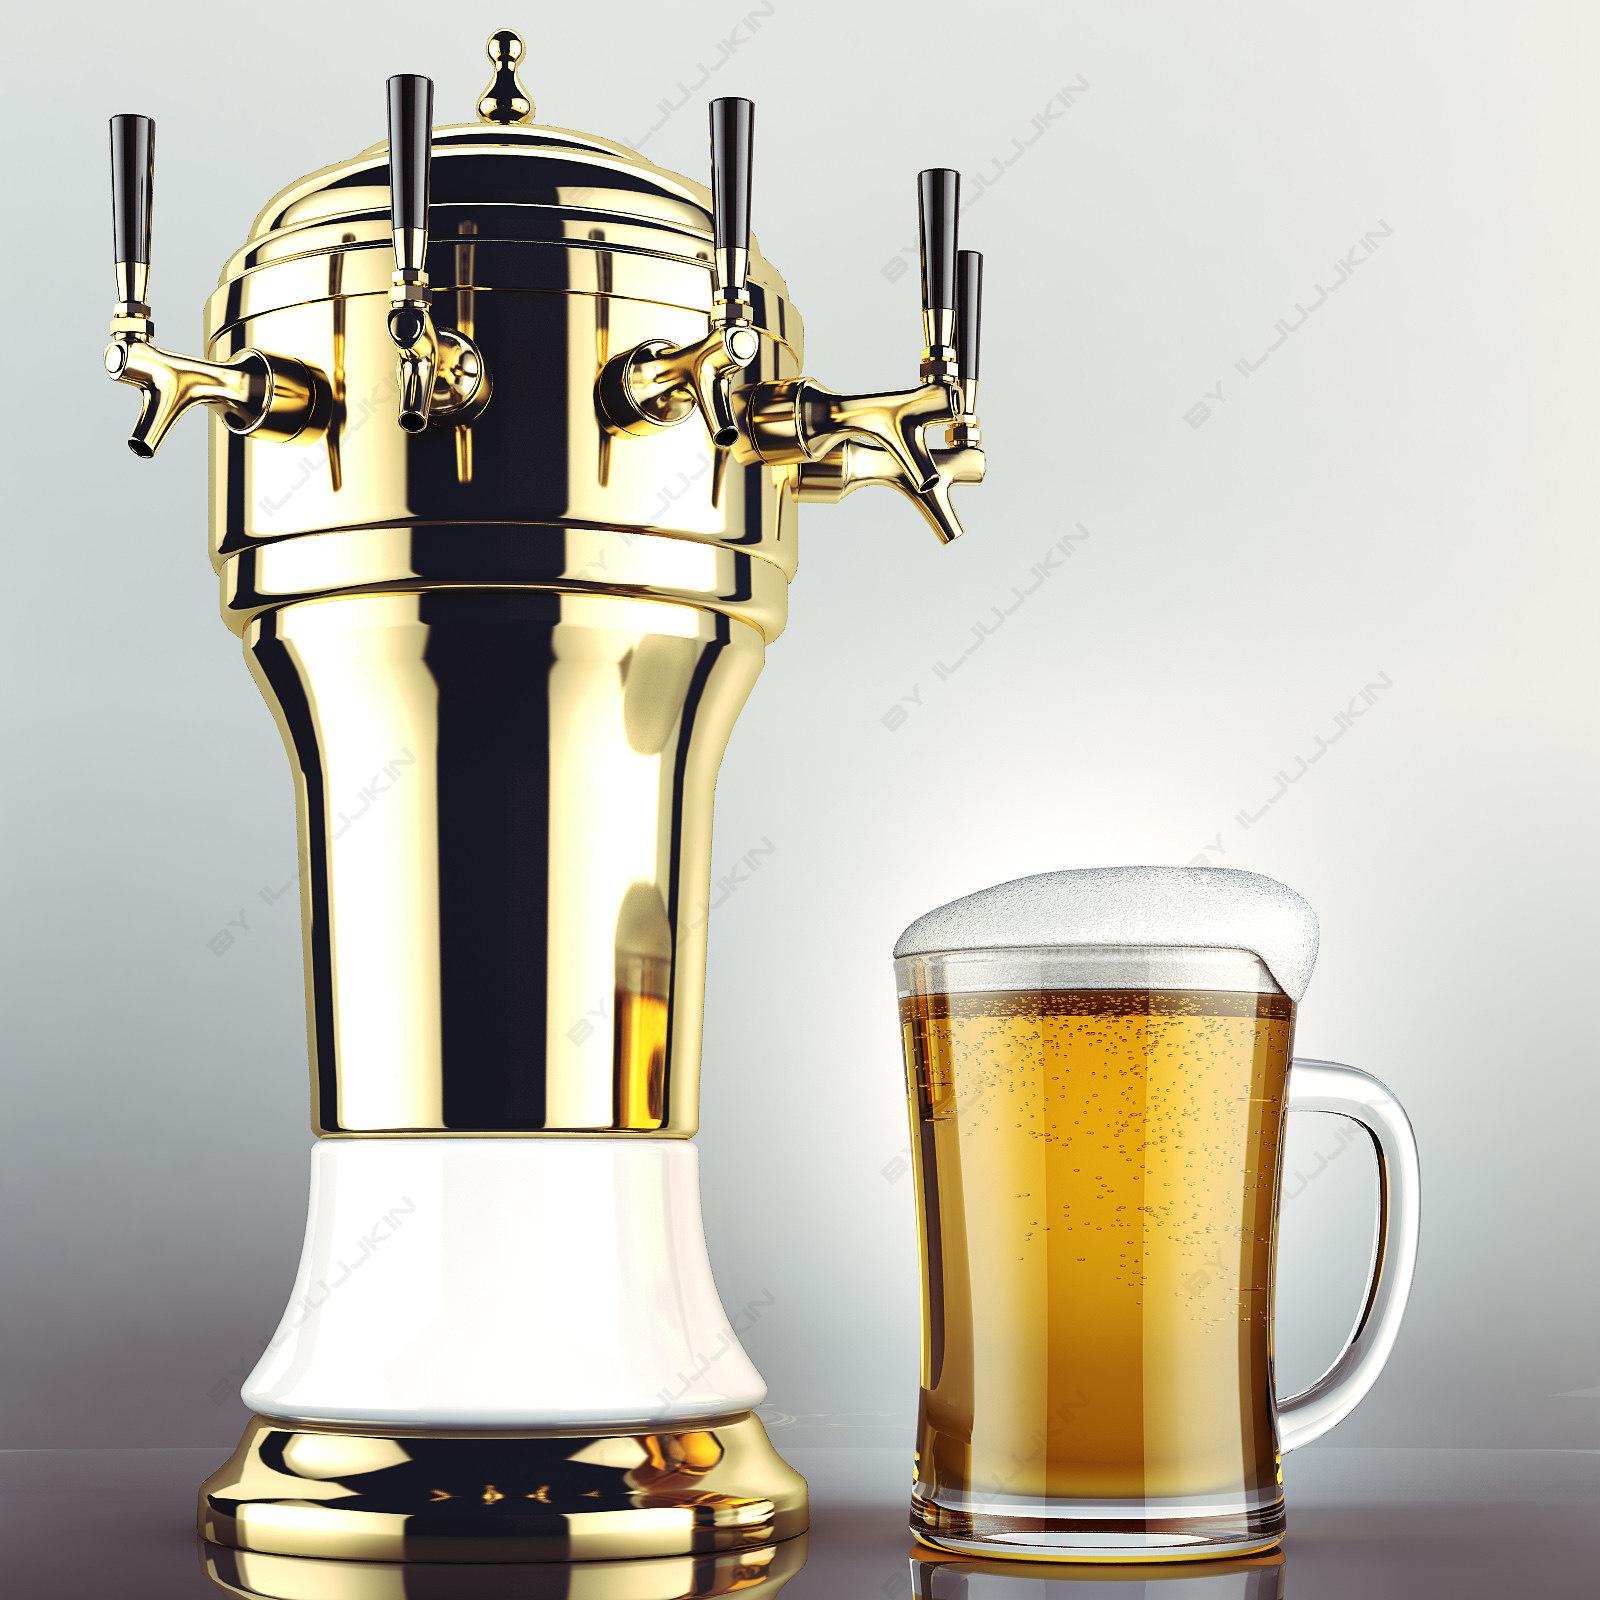 Beer_tower_Zeus_glass.jpg